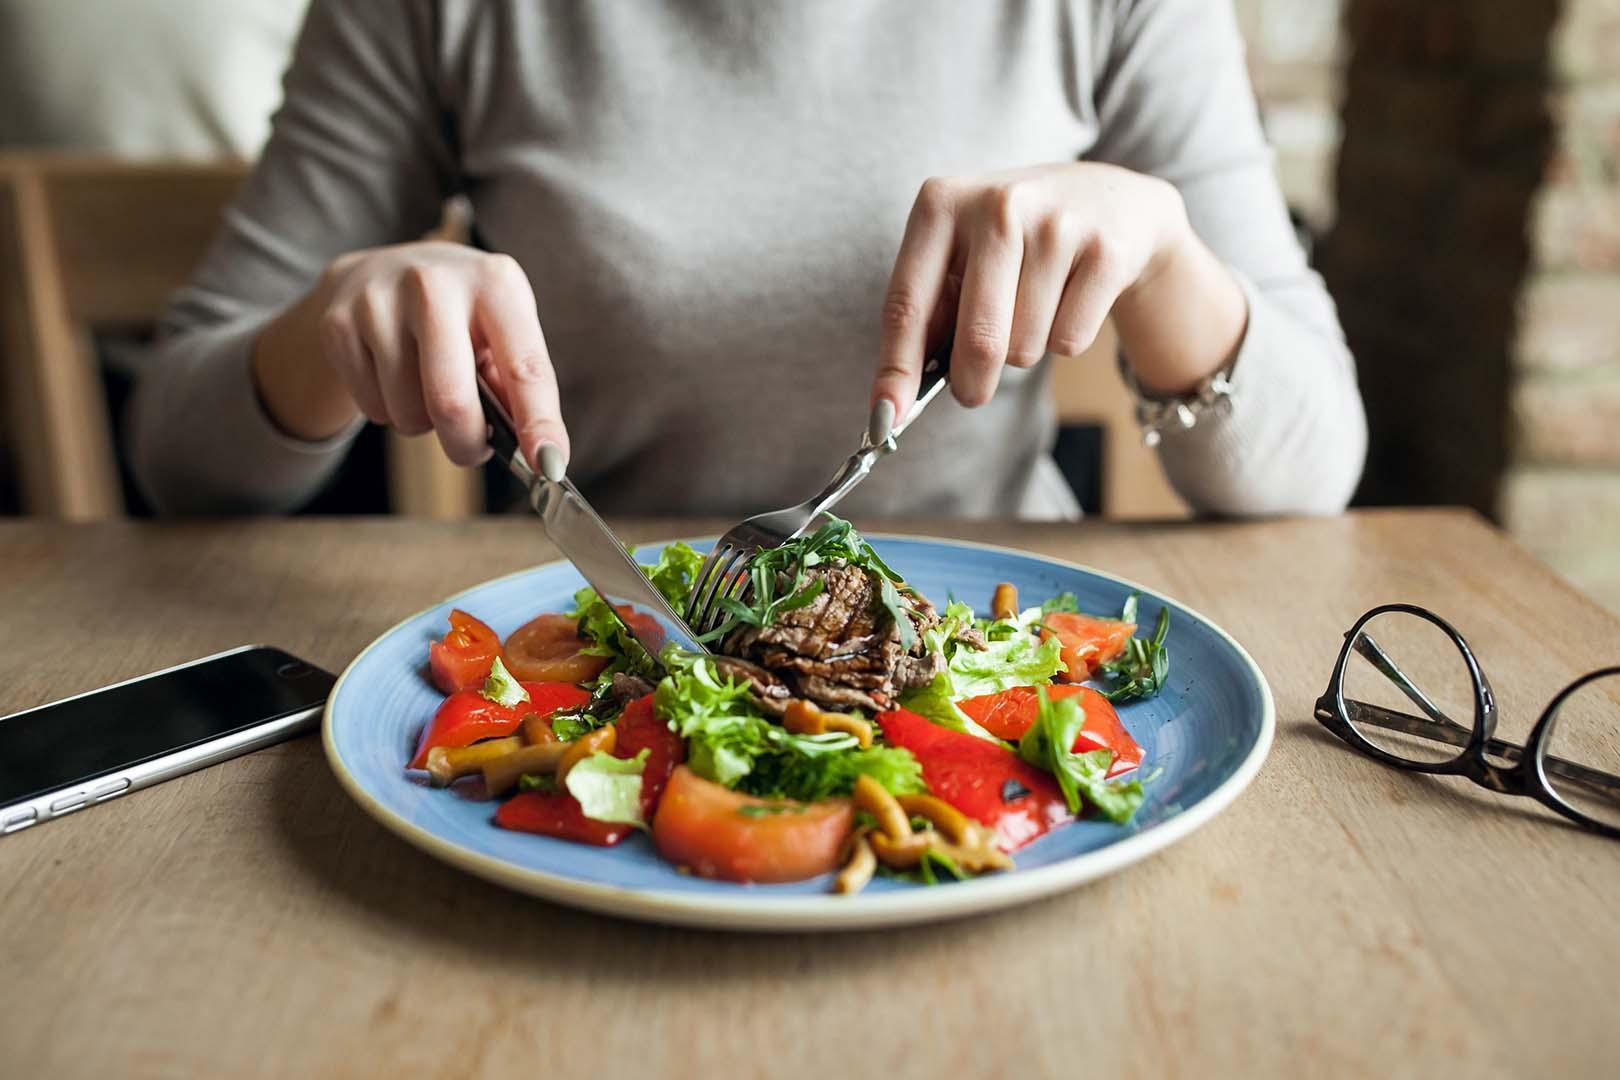 10 Tips Menjaga Pola Makan Sehat Selama Pandemi - Jovee.id